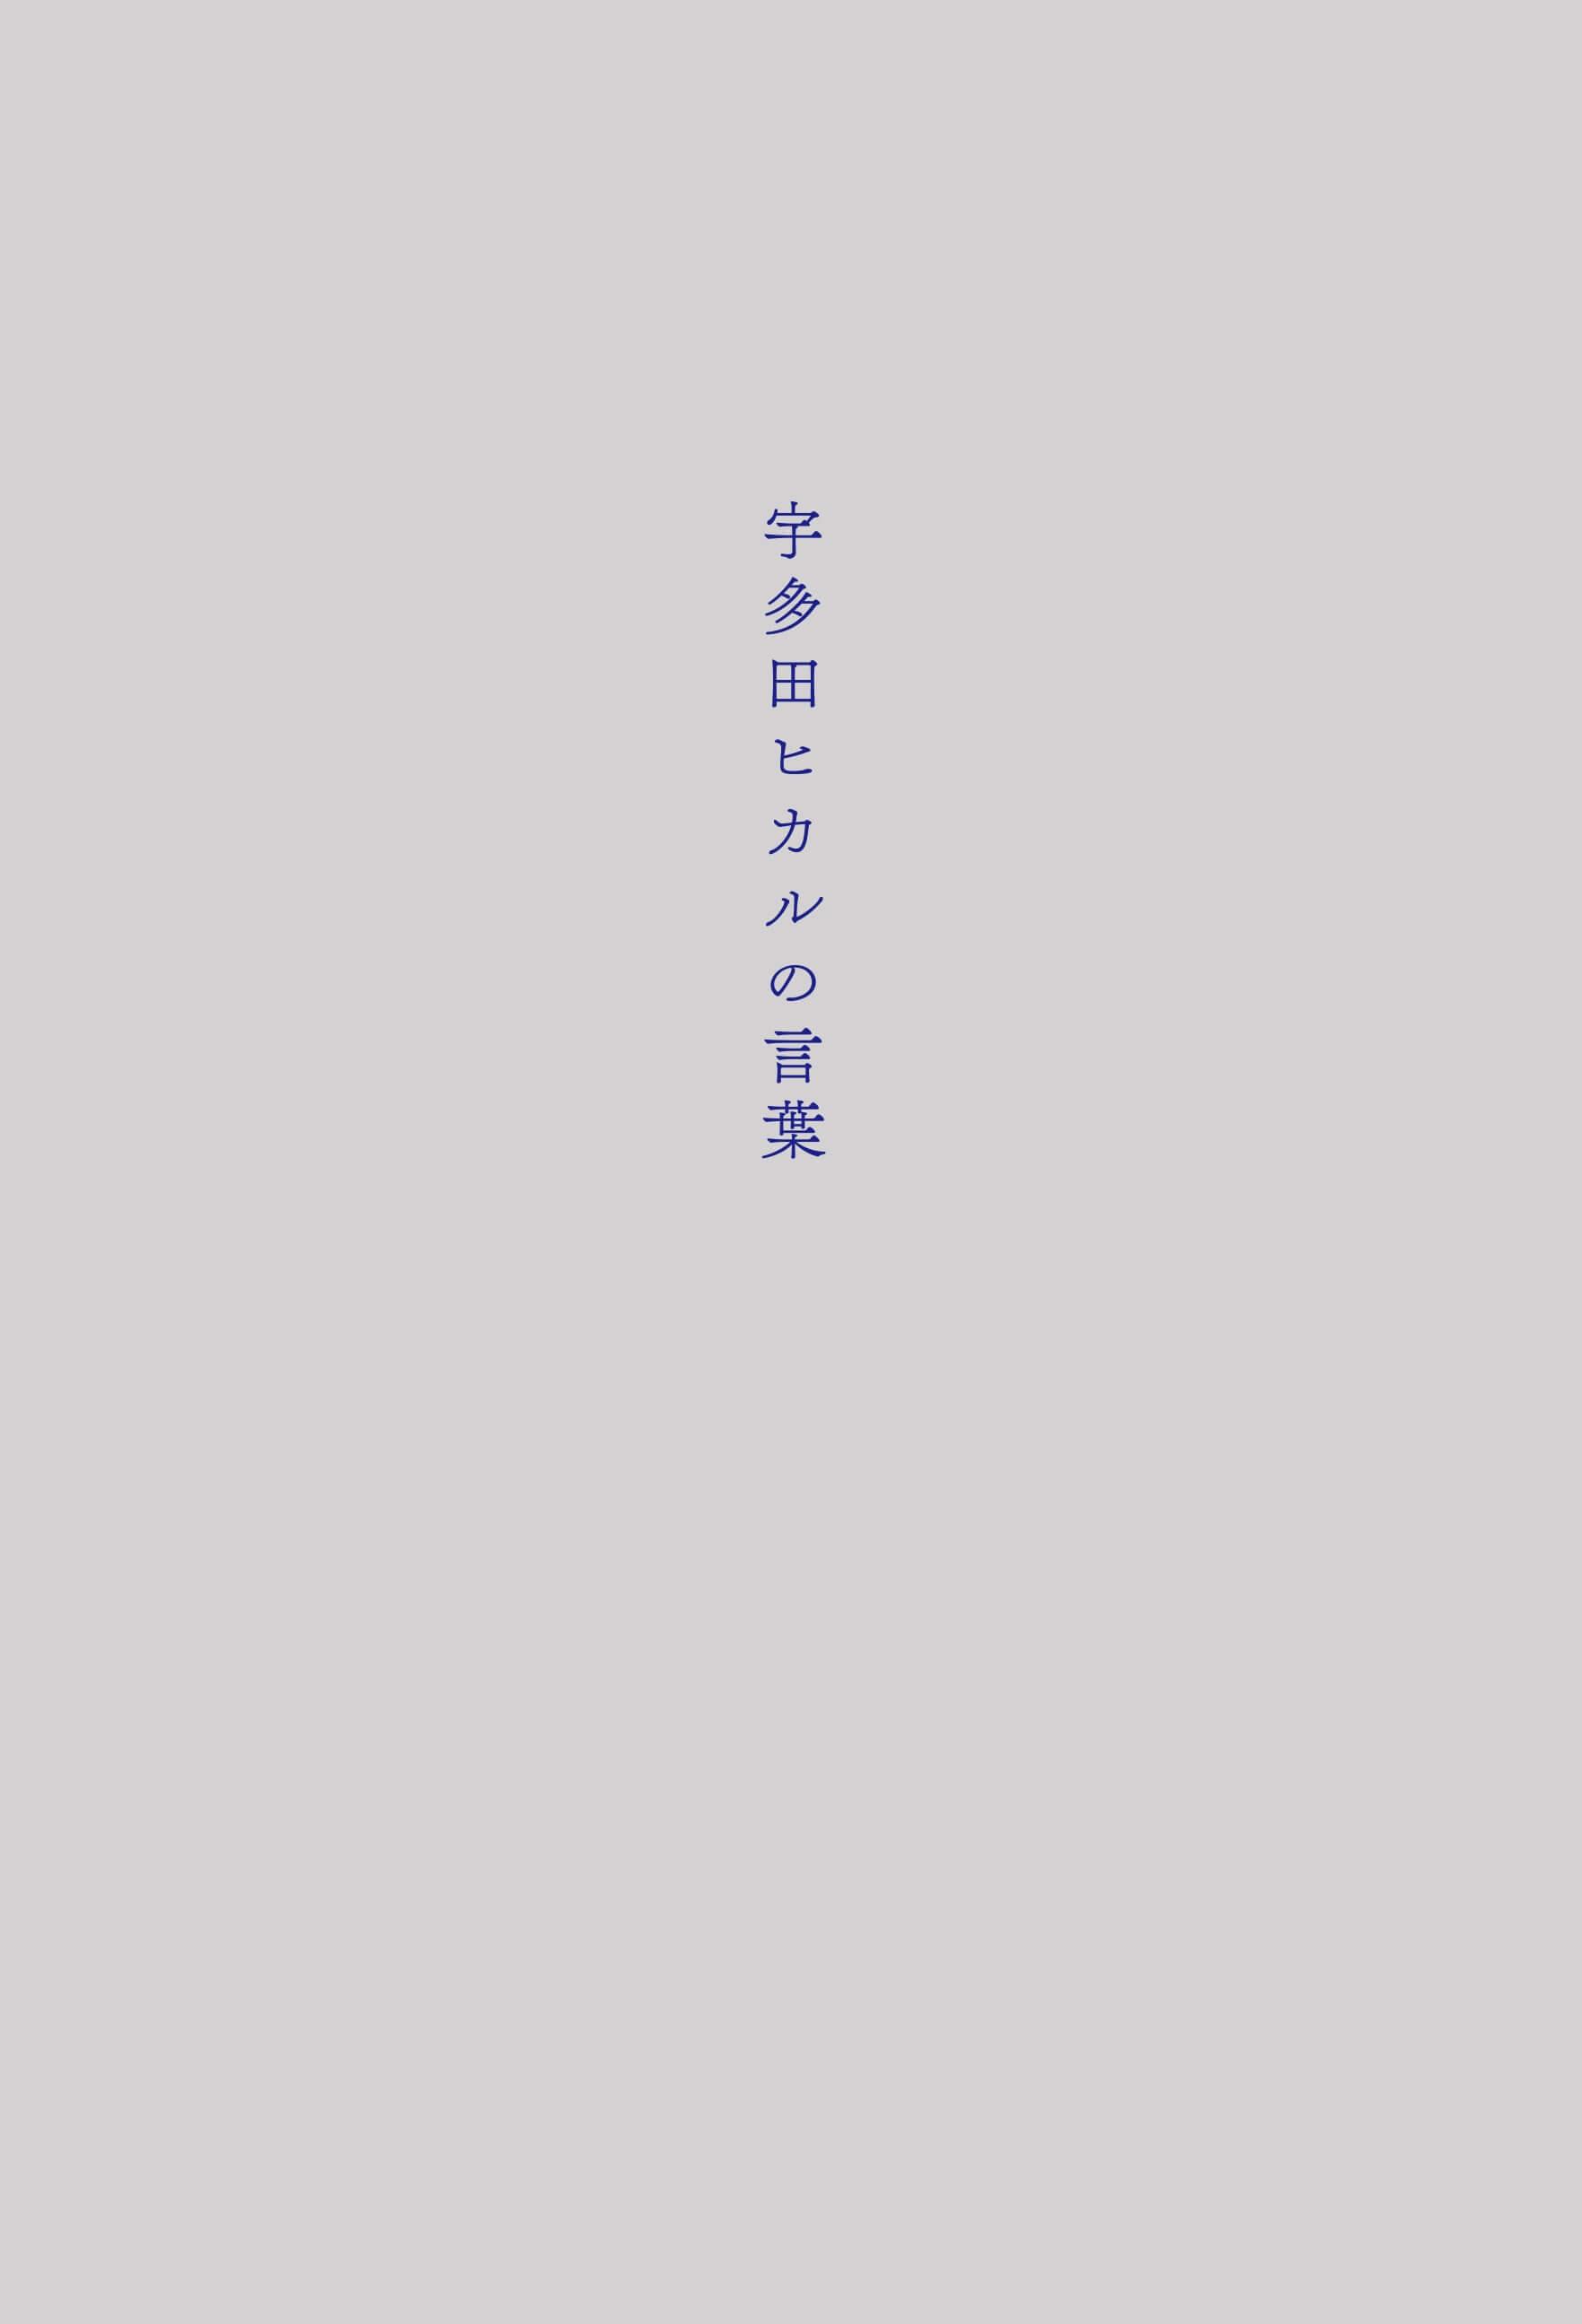 宇多田ヒカルの言葉_表1